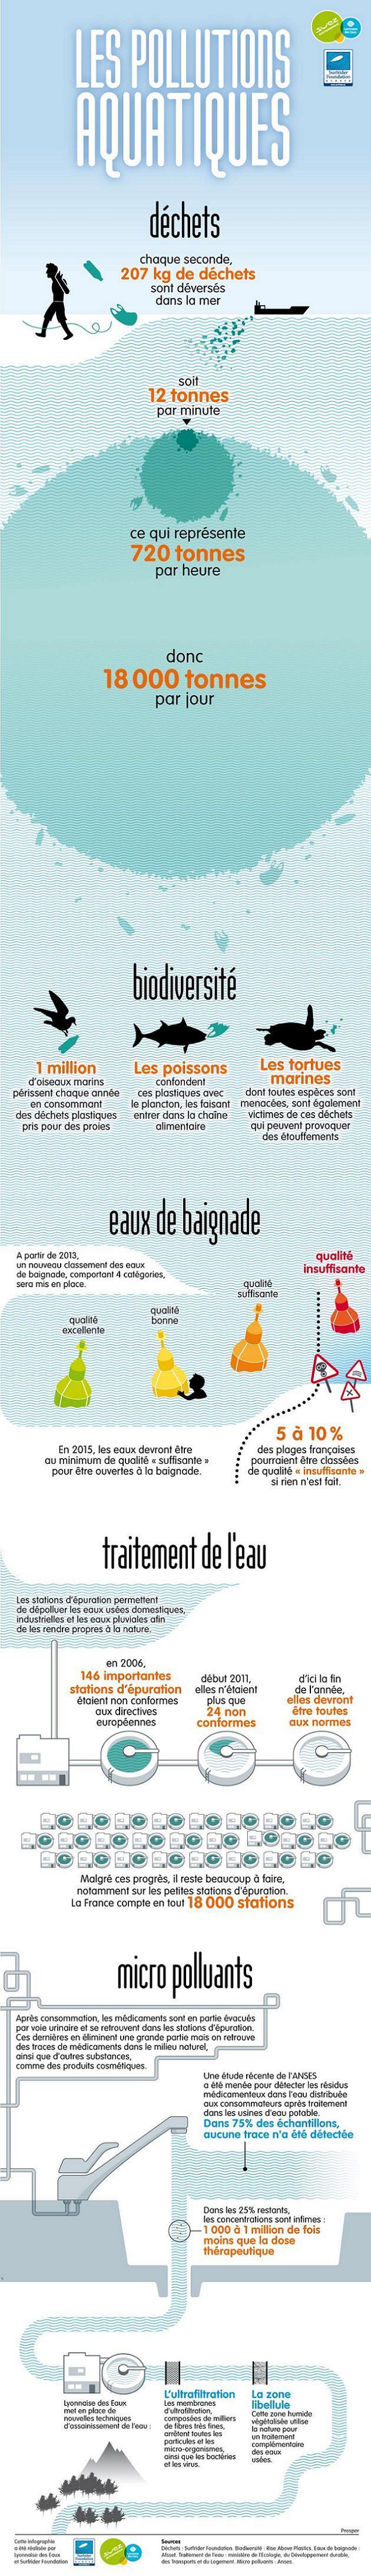 Infographie sur les pollutions aquatiques